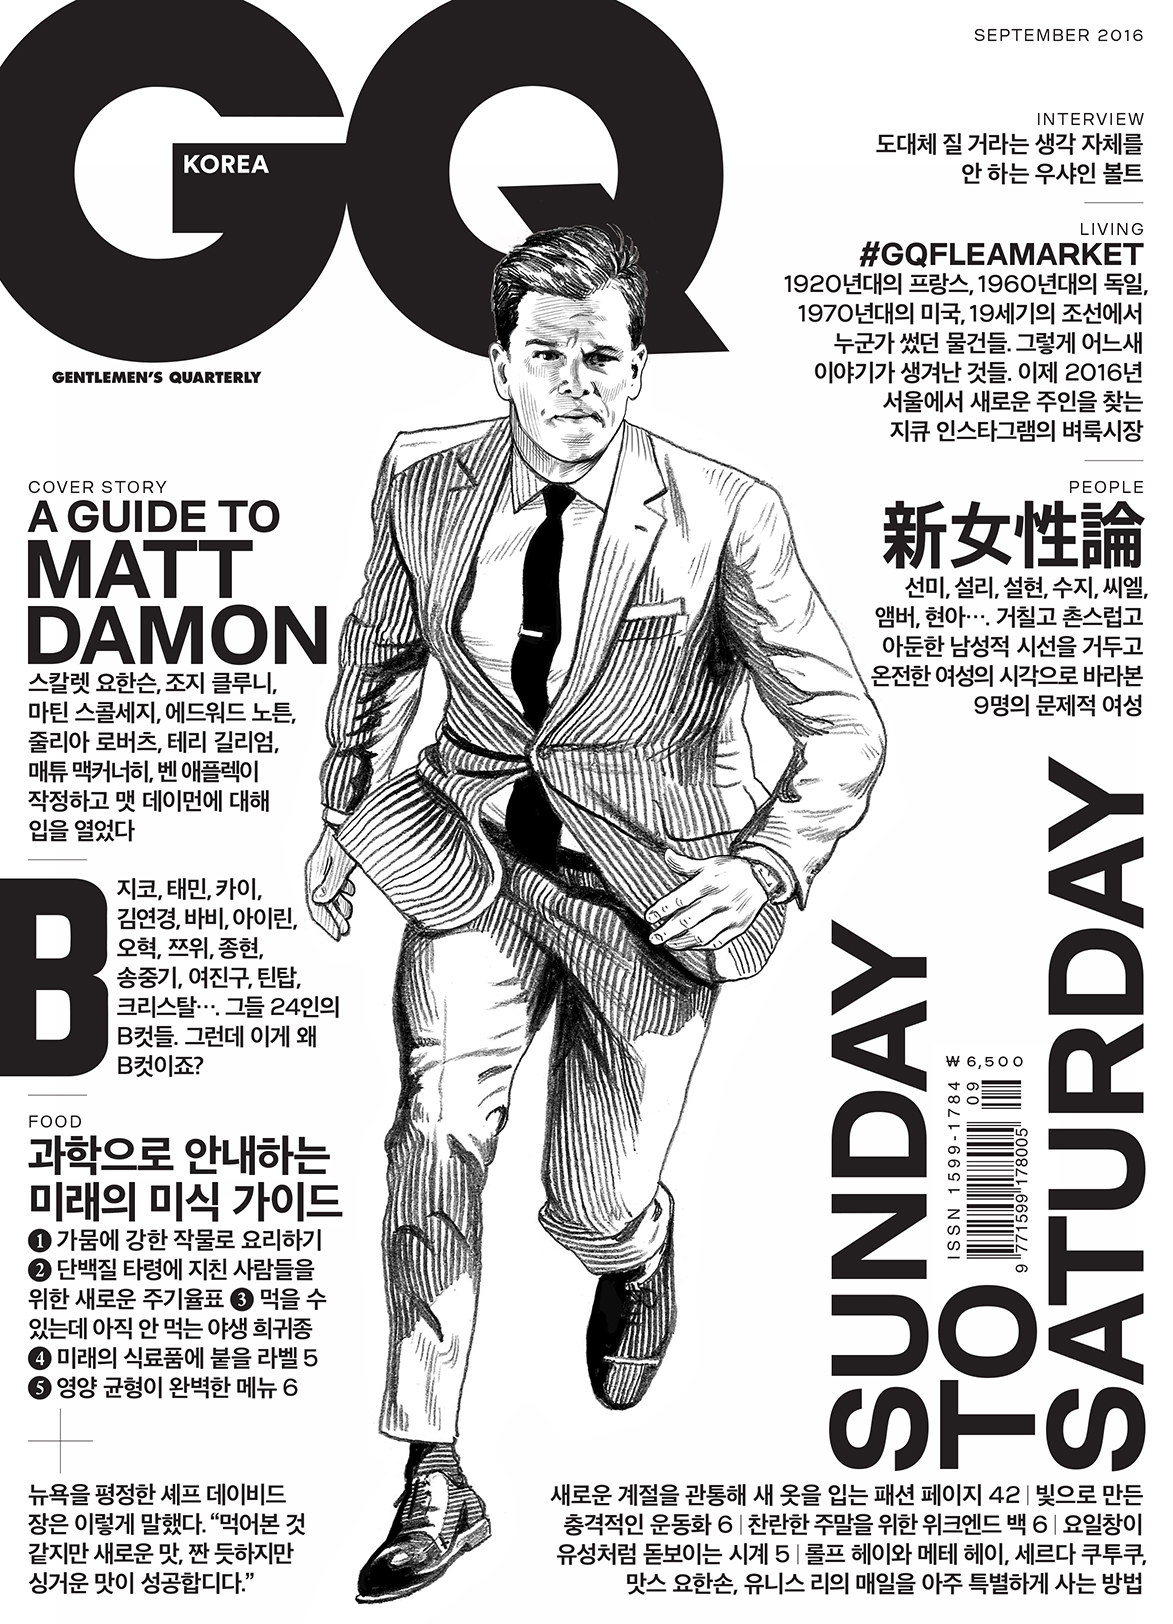 GQ Korea cover, September 2016